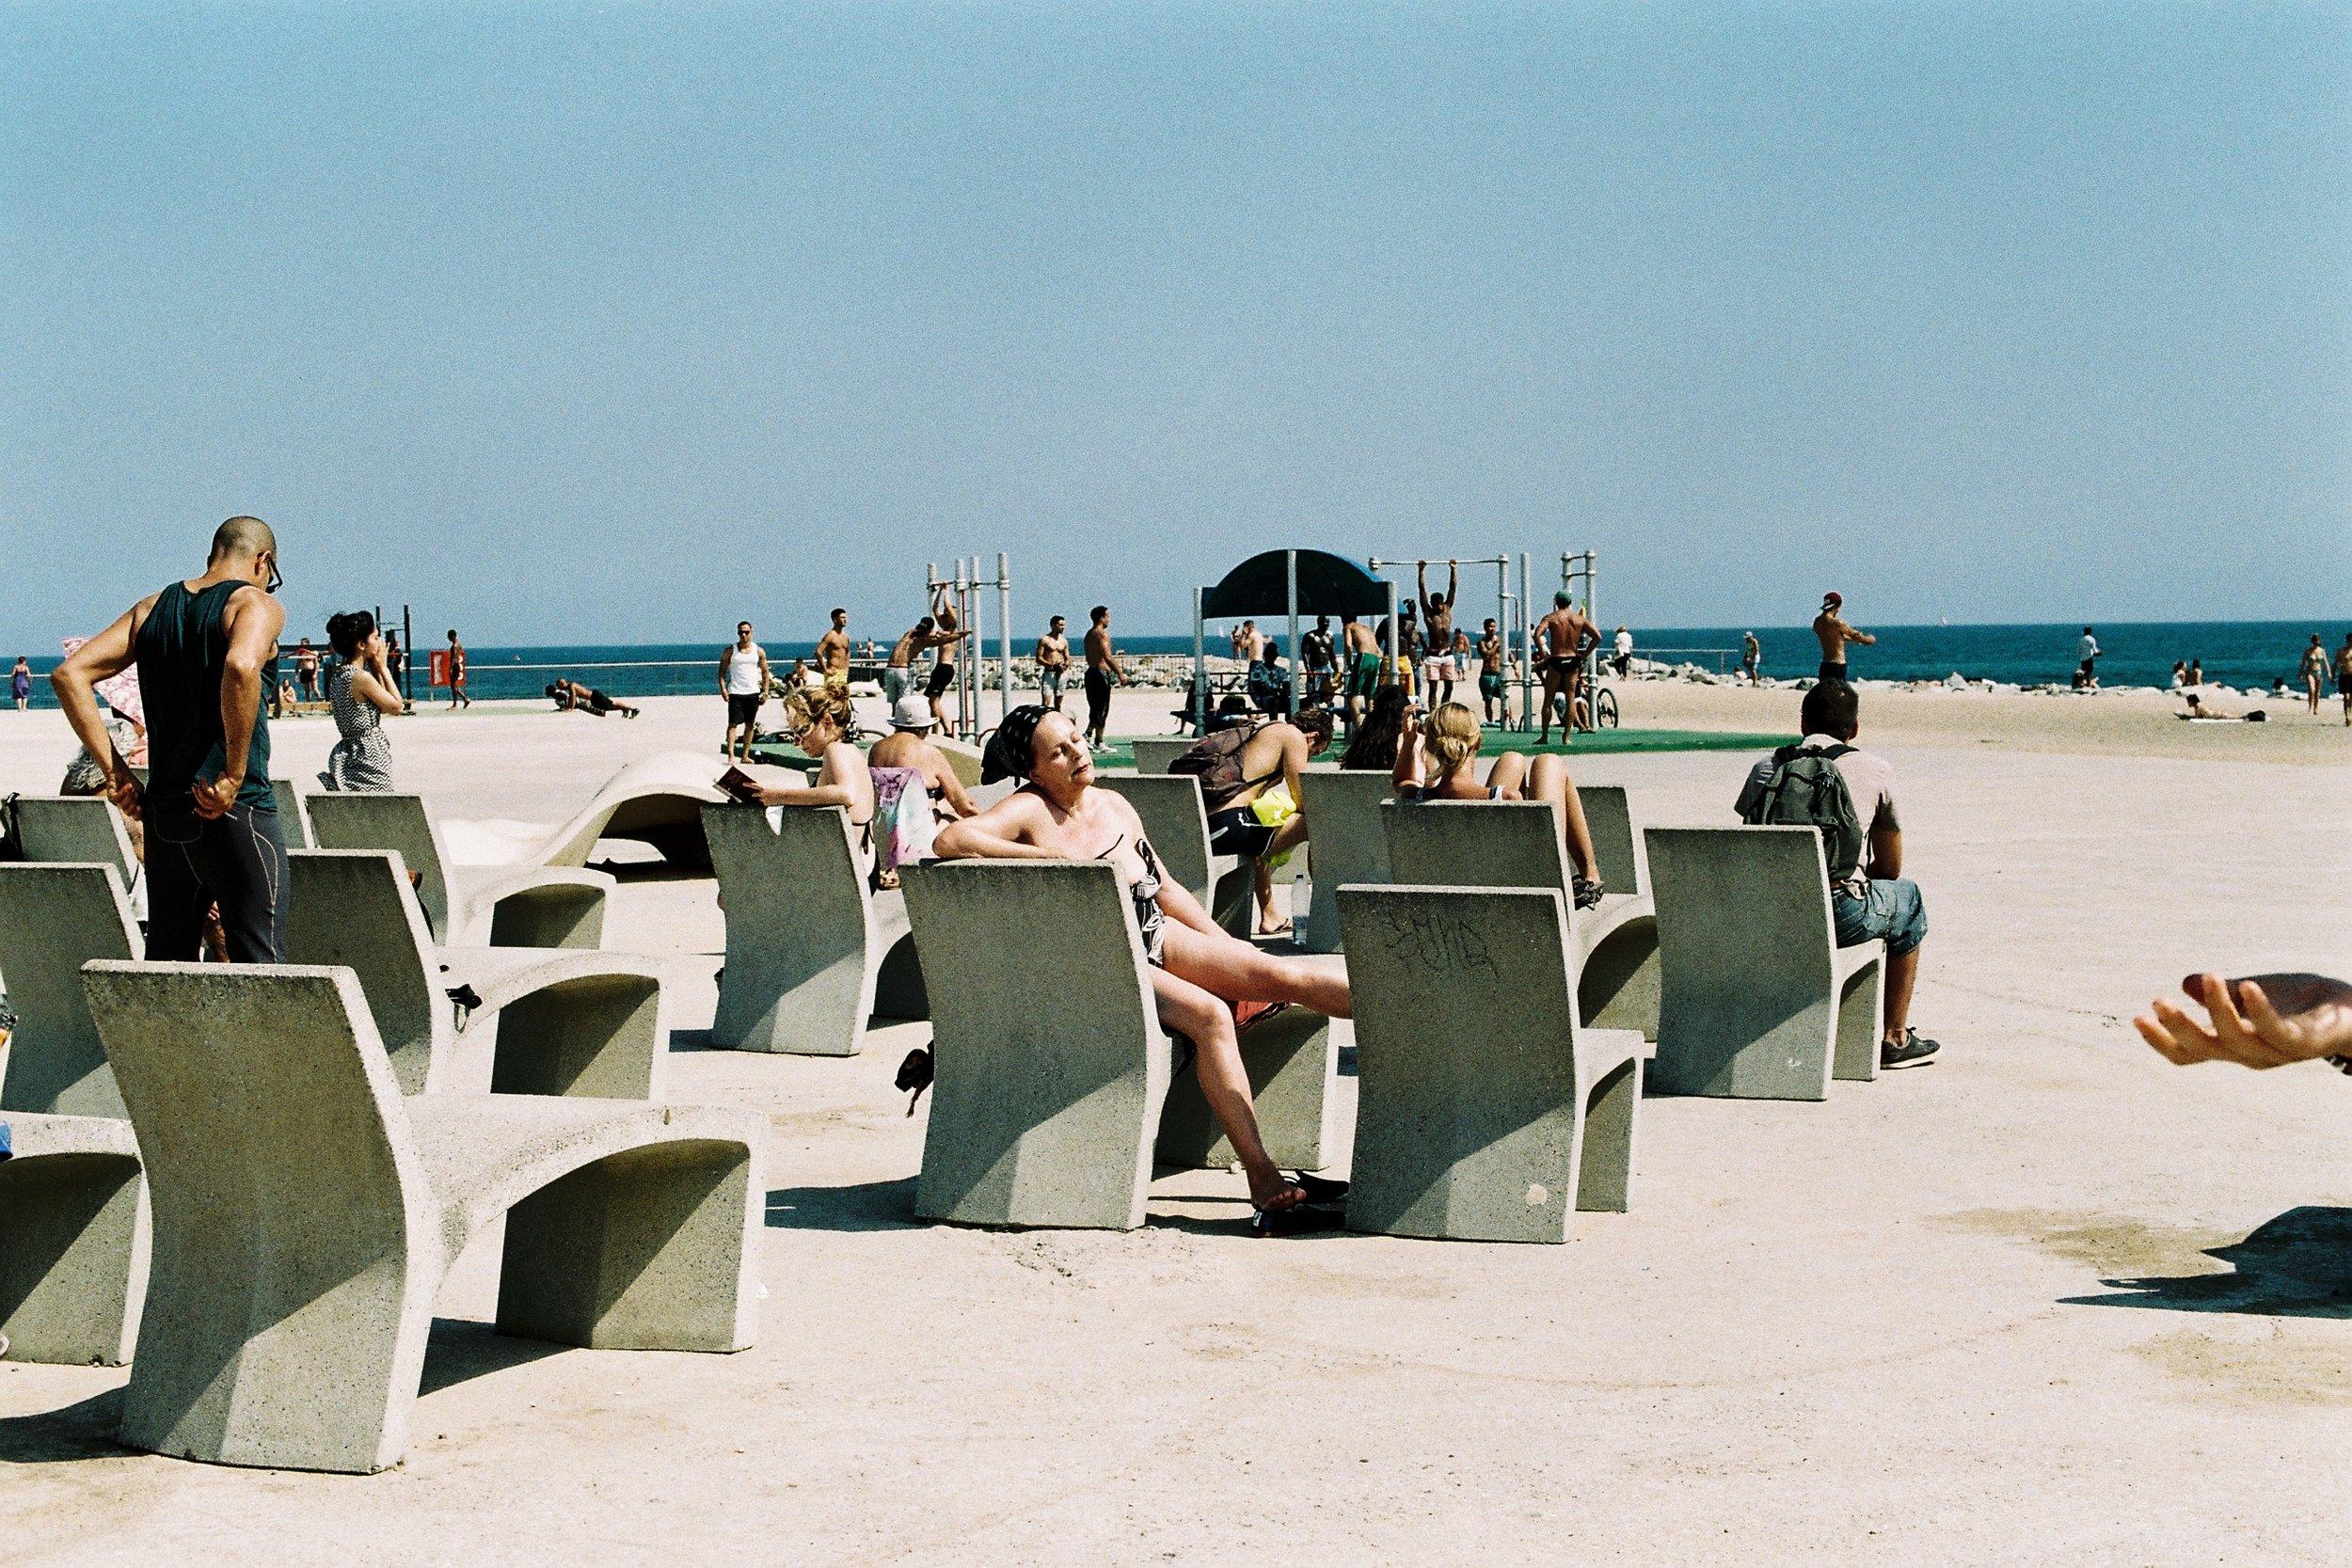 In the Oven  PHOTOGRAPHY: Clara Abi Nader • Canon A1 • FUJICOLOR SUPERIA 200 • 50mm Ƒ/1.8 @ • Ƒ/8 • 1/500